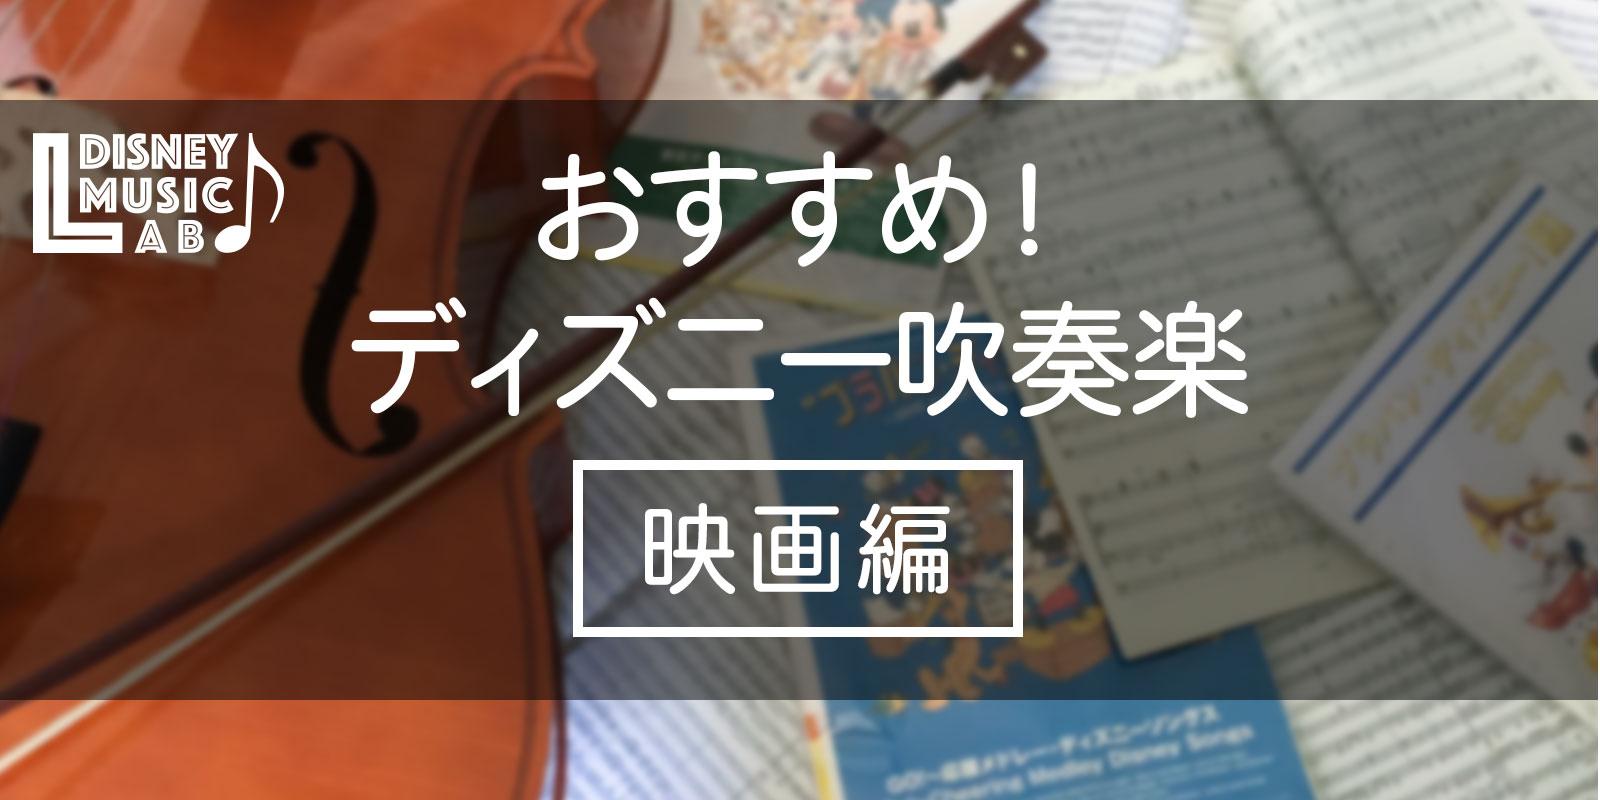 「おすすめディズニー吹奏楽「映画編」